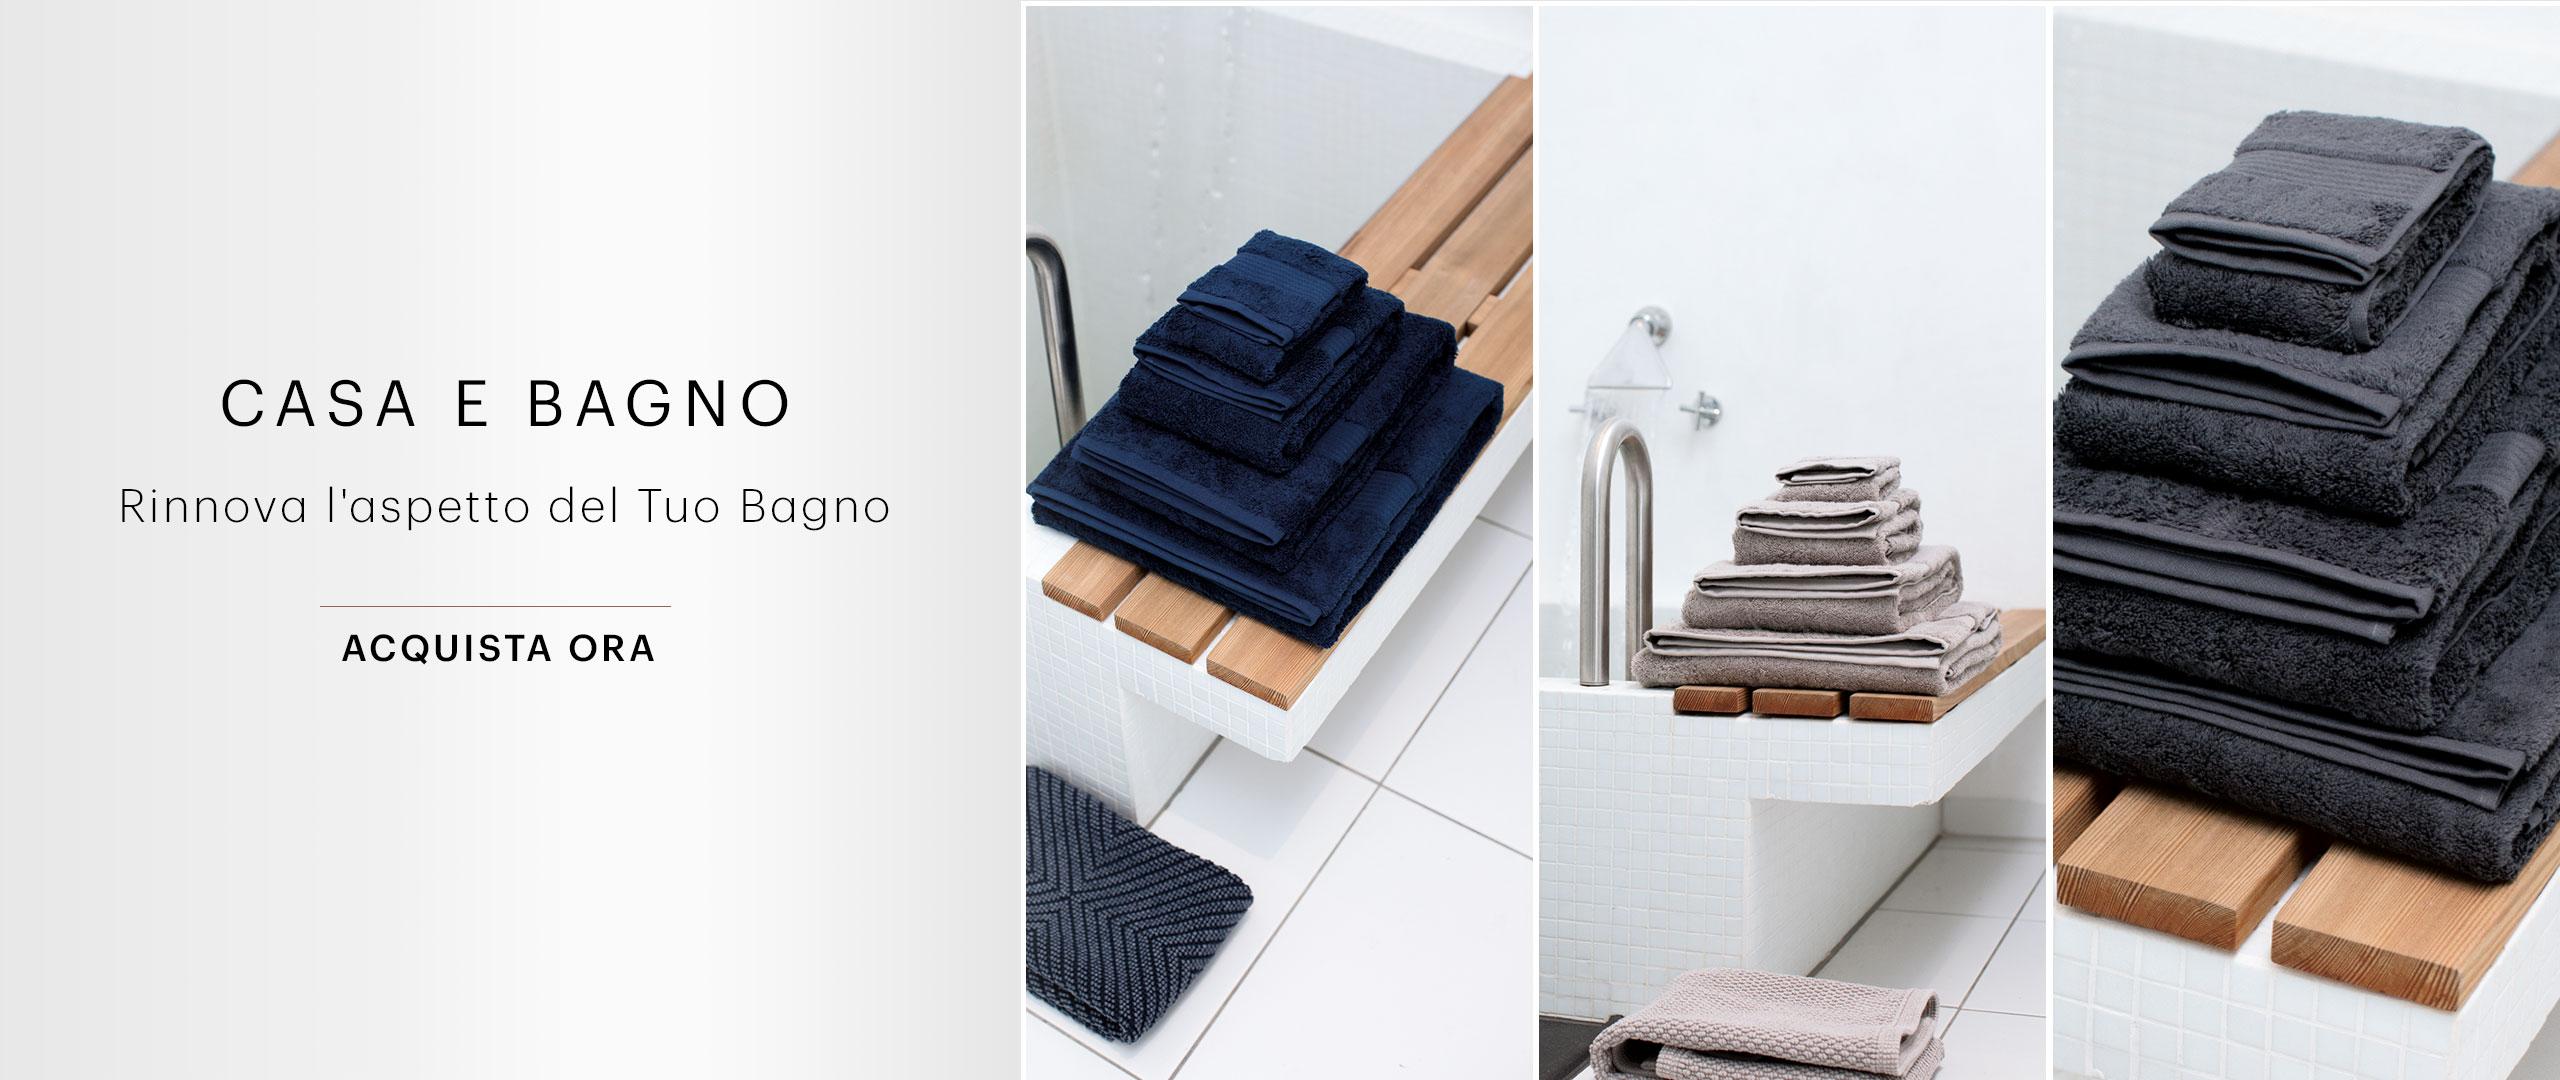 BEU [IT] - Home & Bath Category